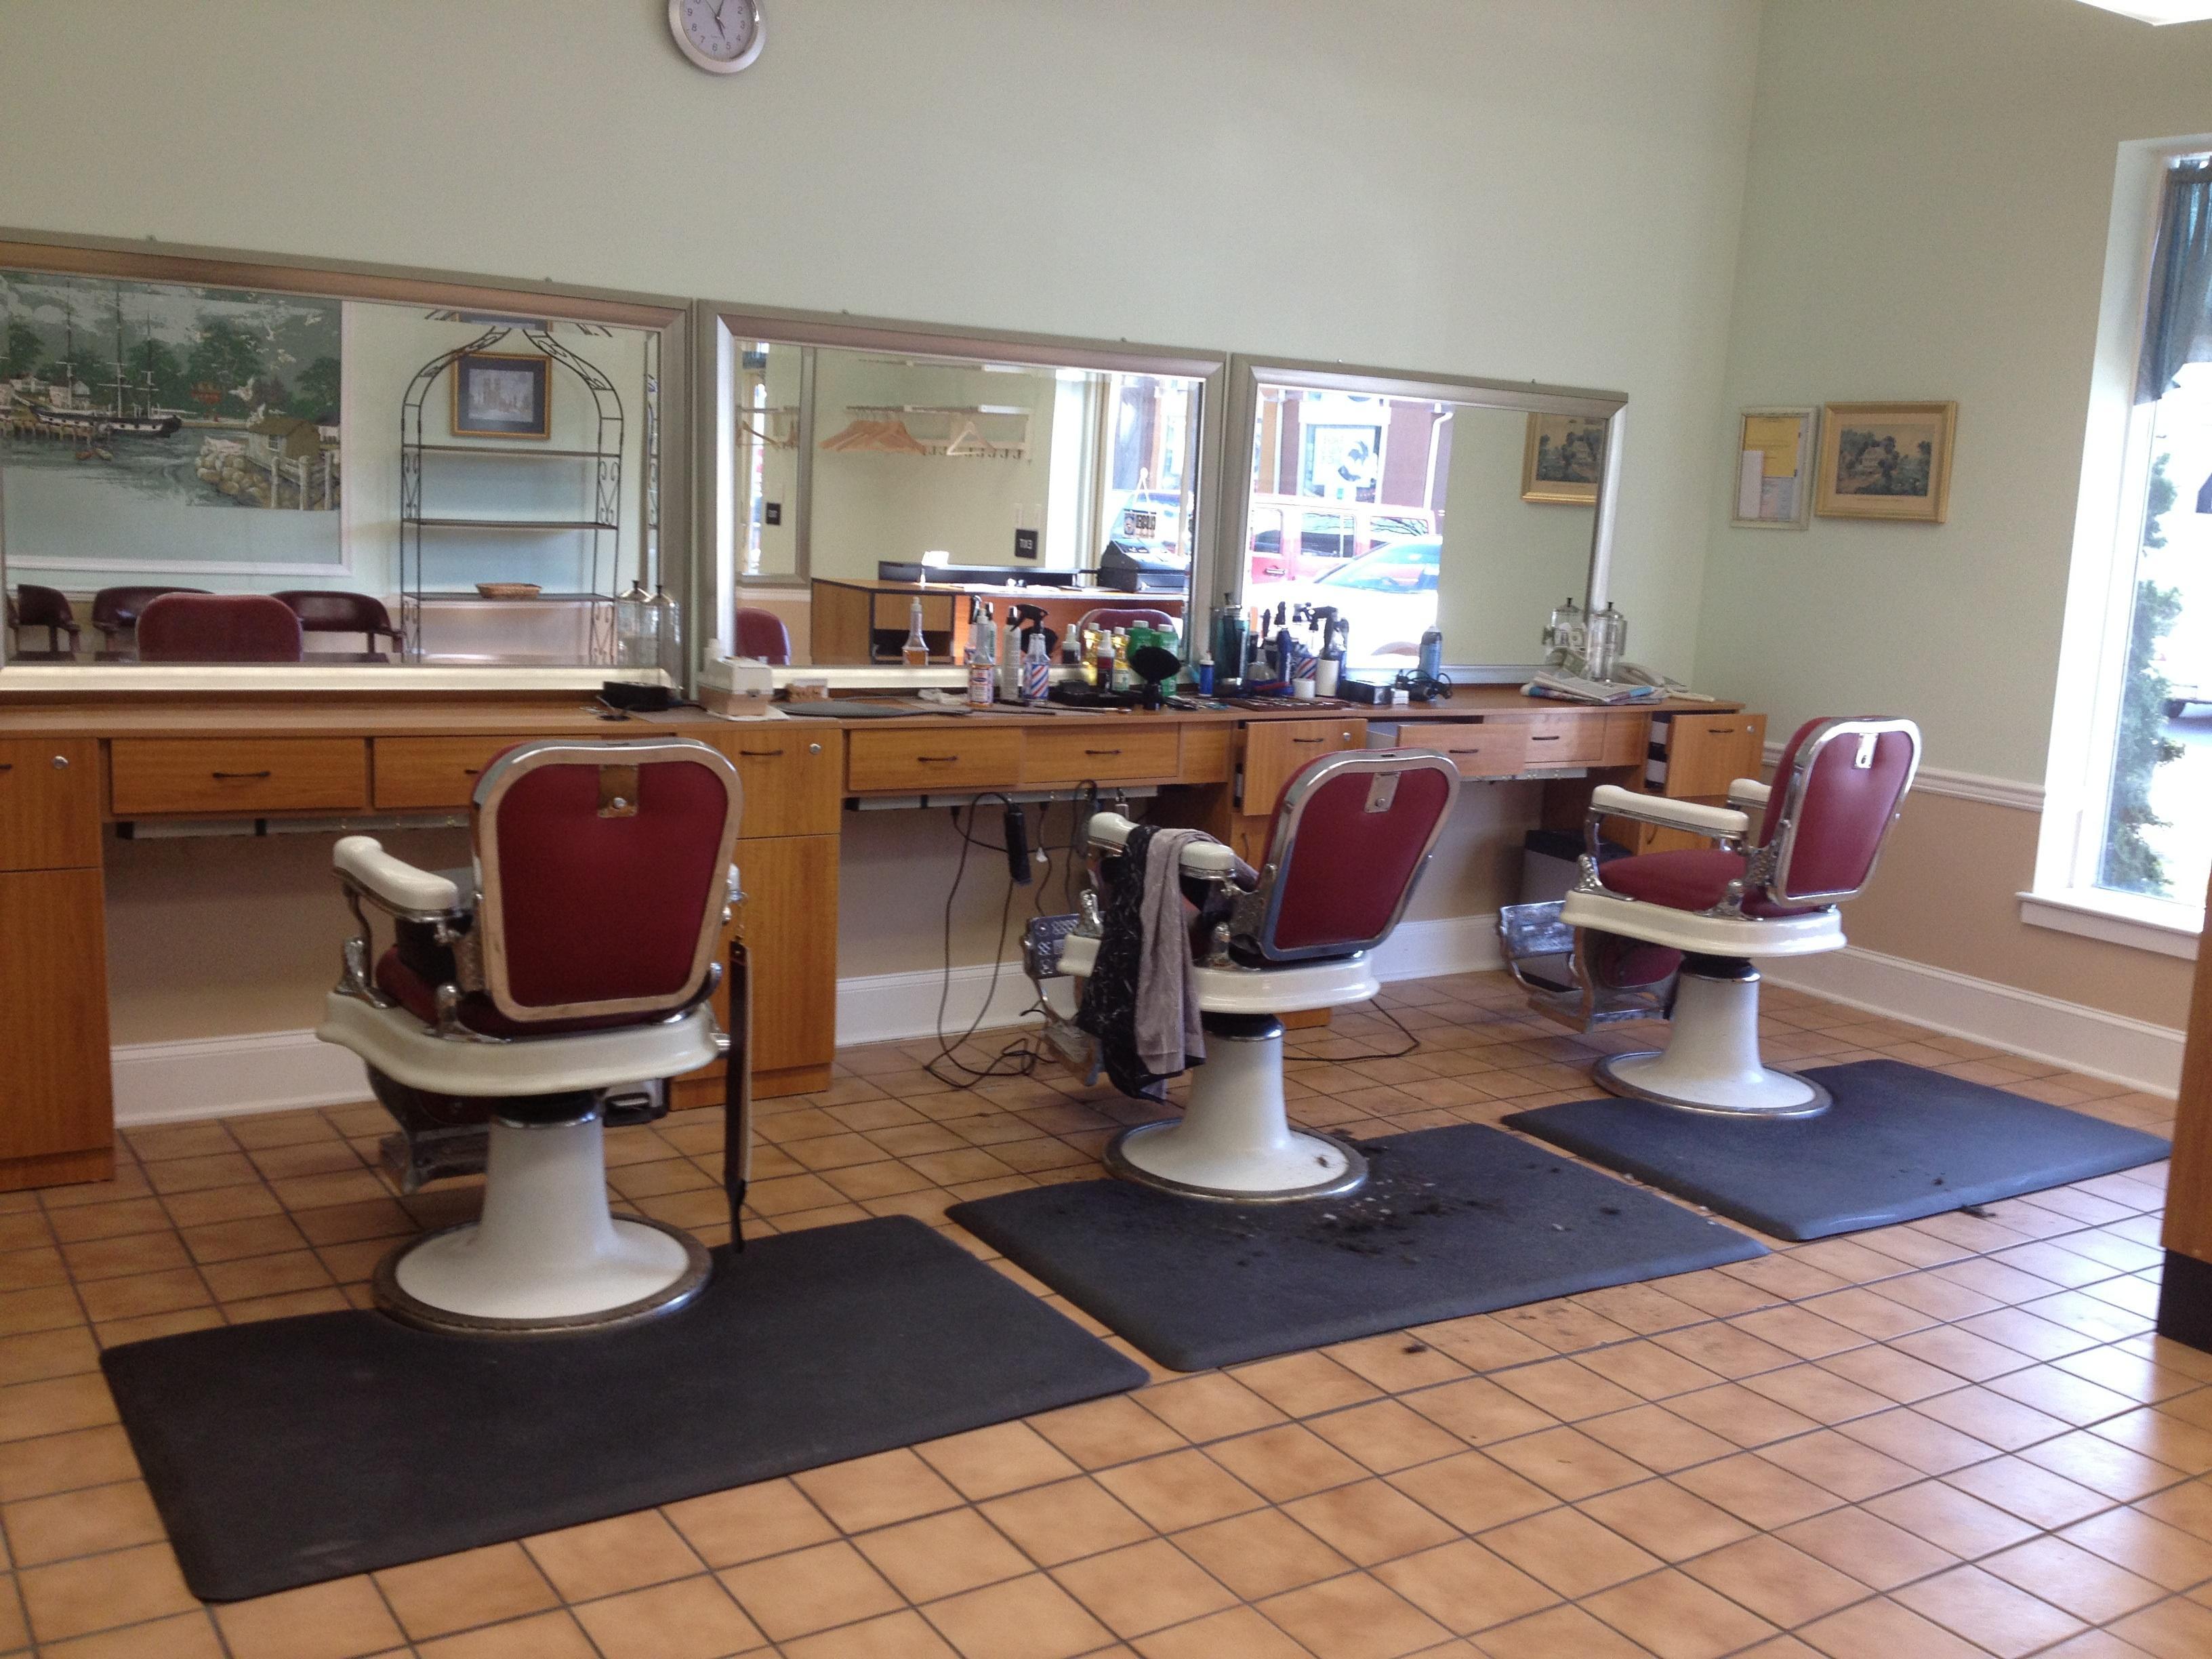 Gentlemen's Choice Barber Shop image 1